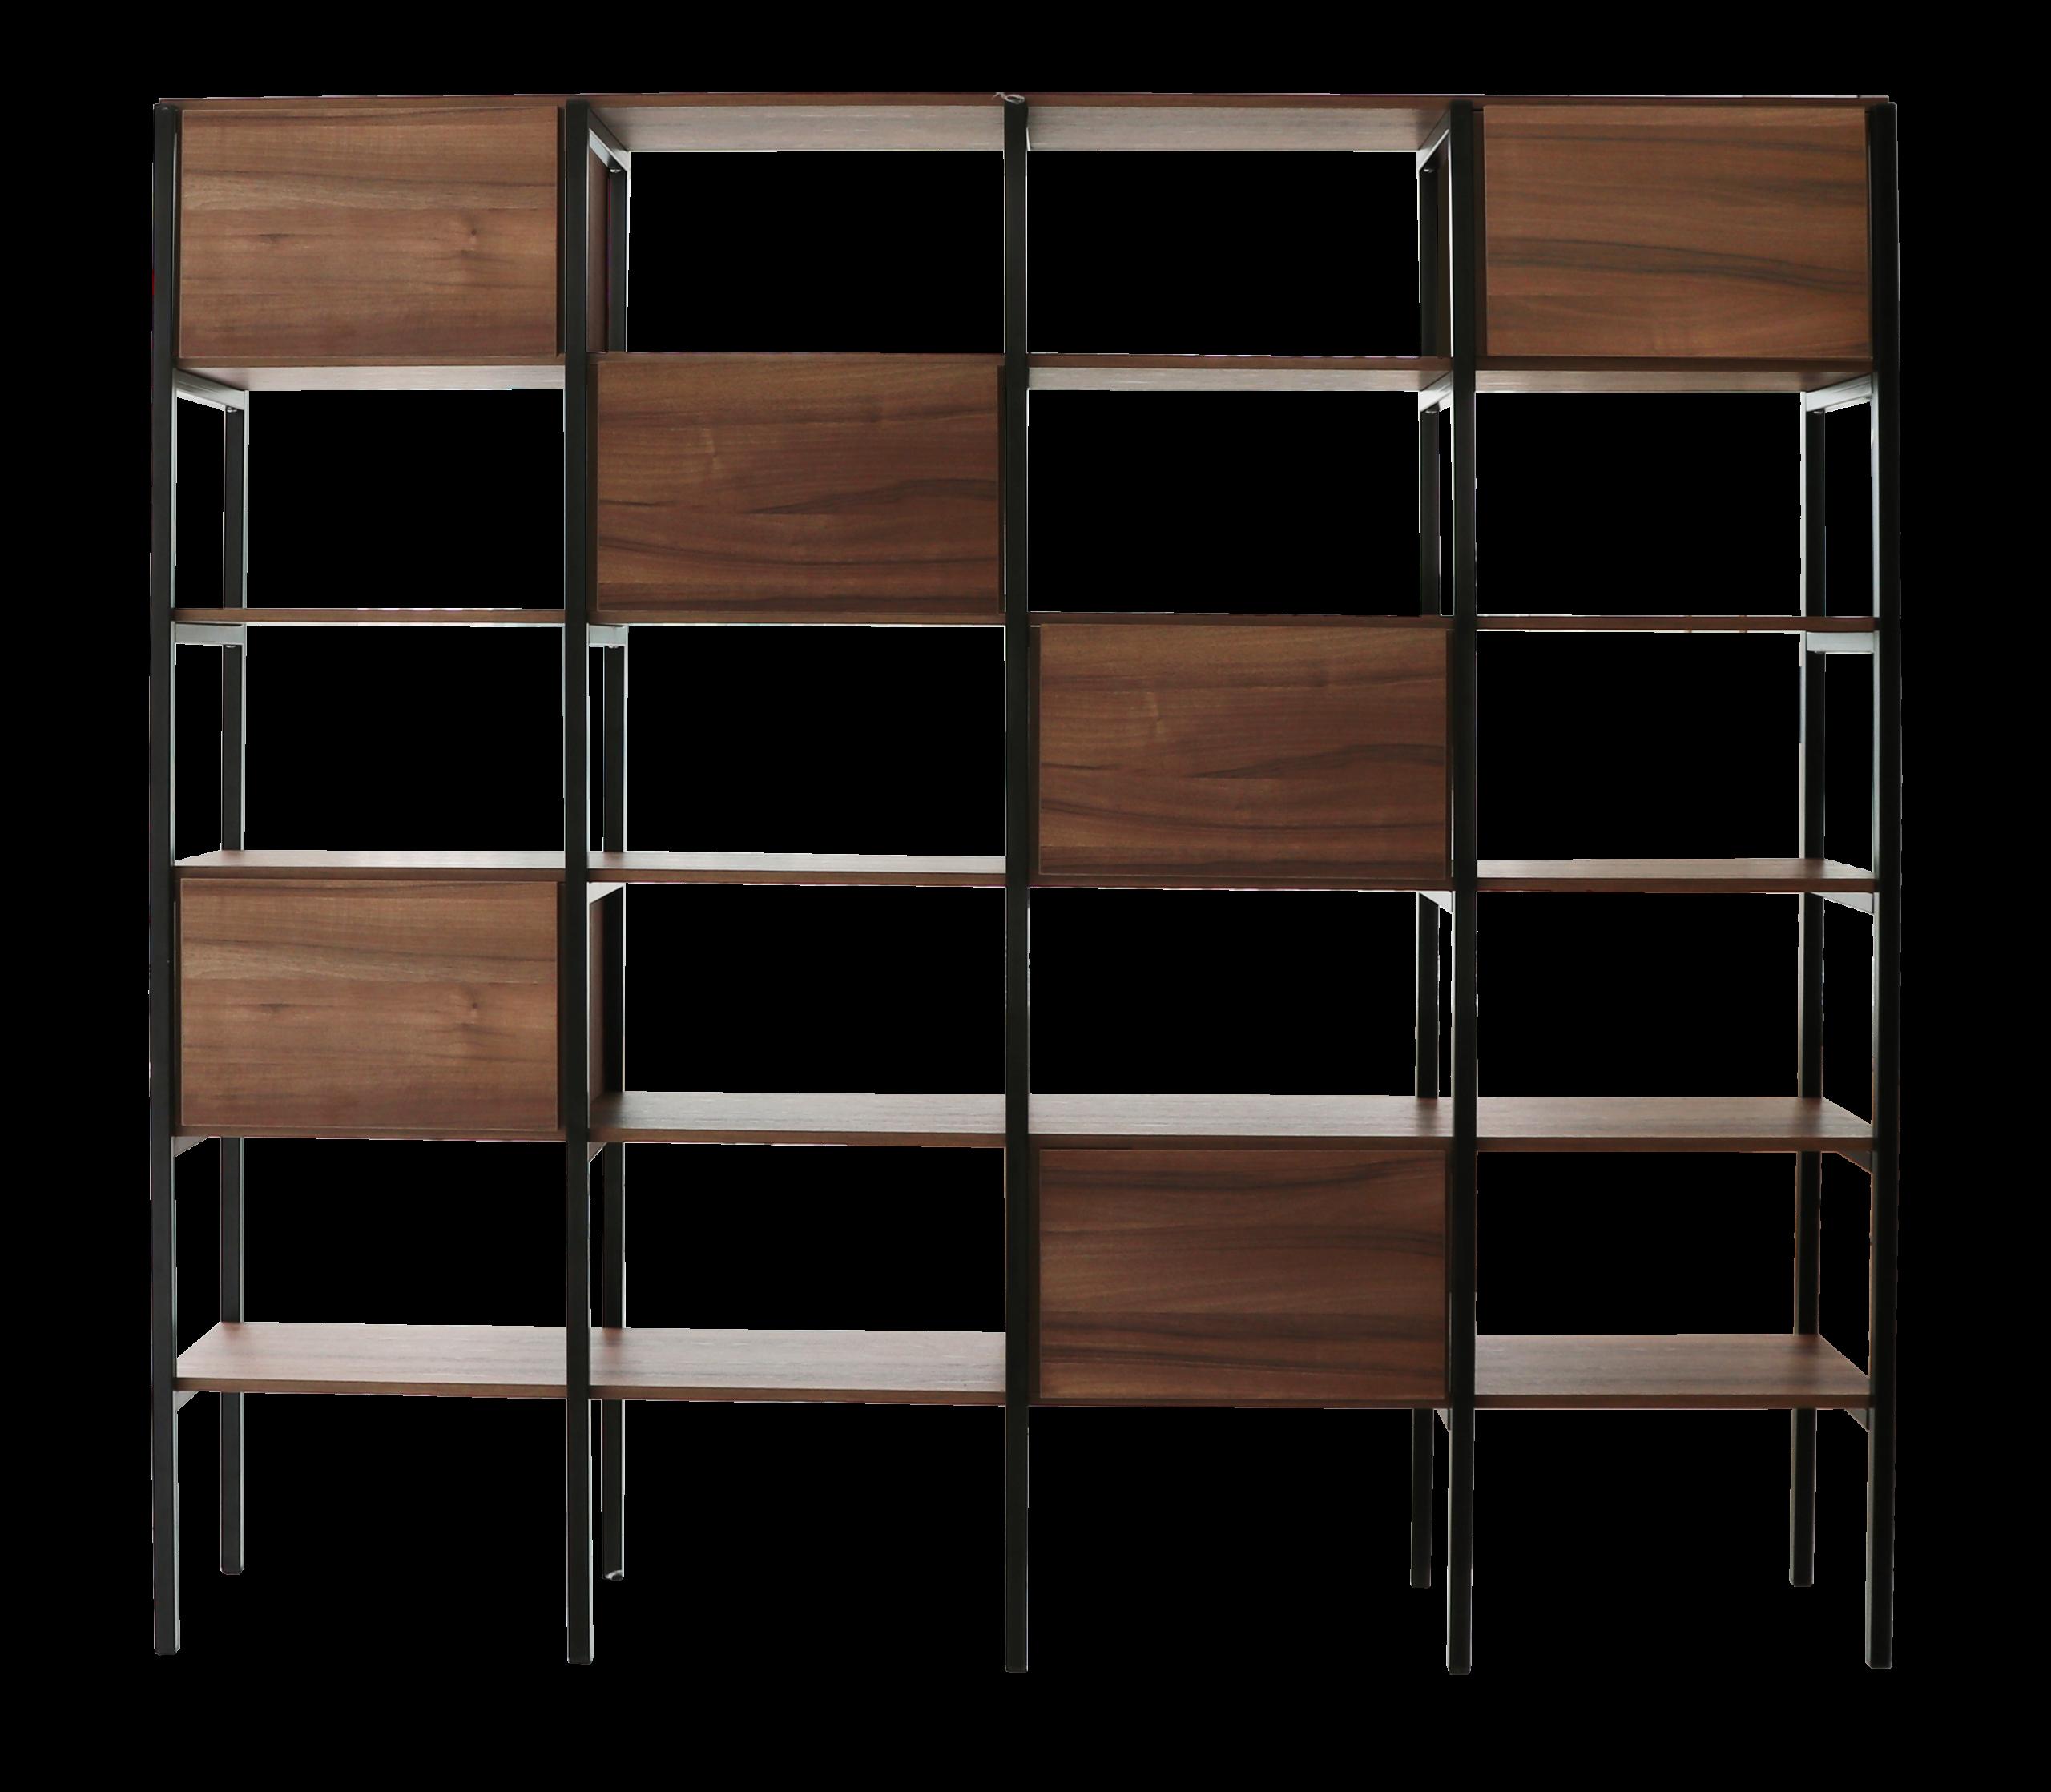 ชั้นวาง Shelf The Room Furniture